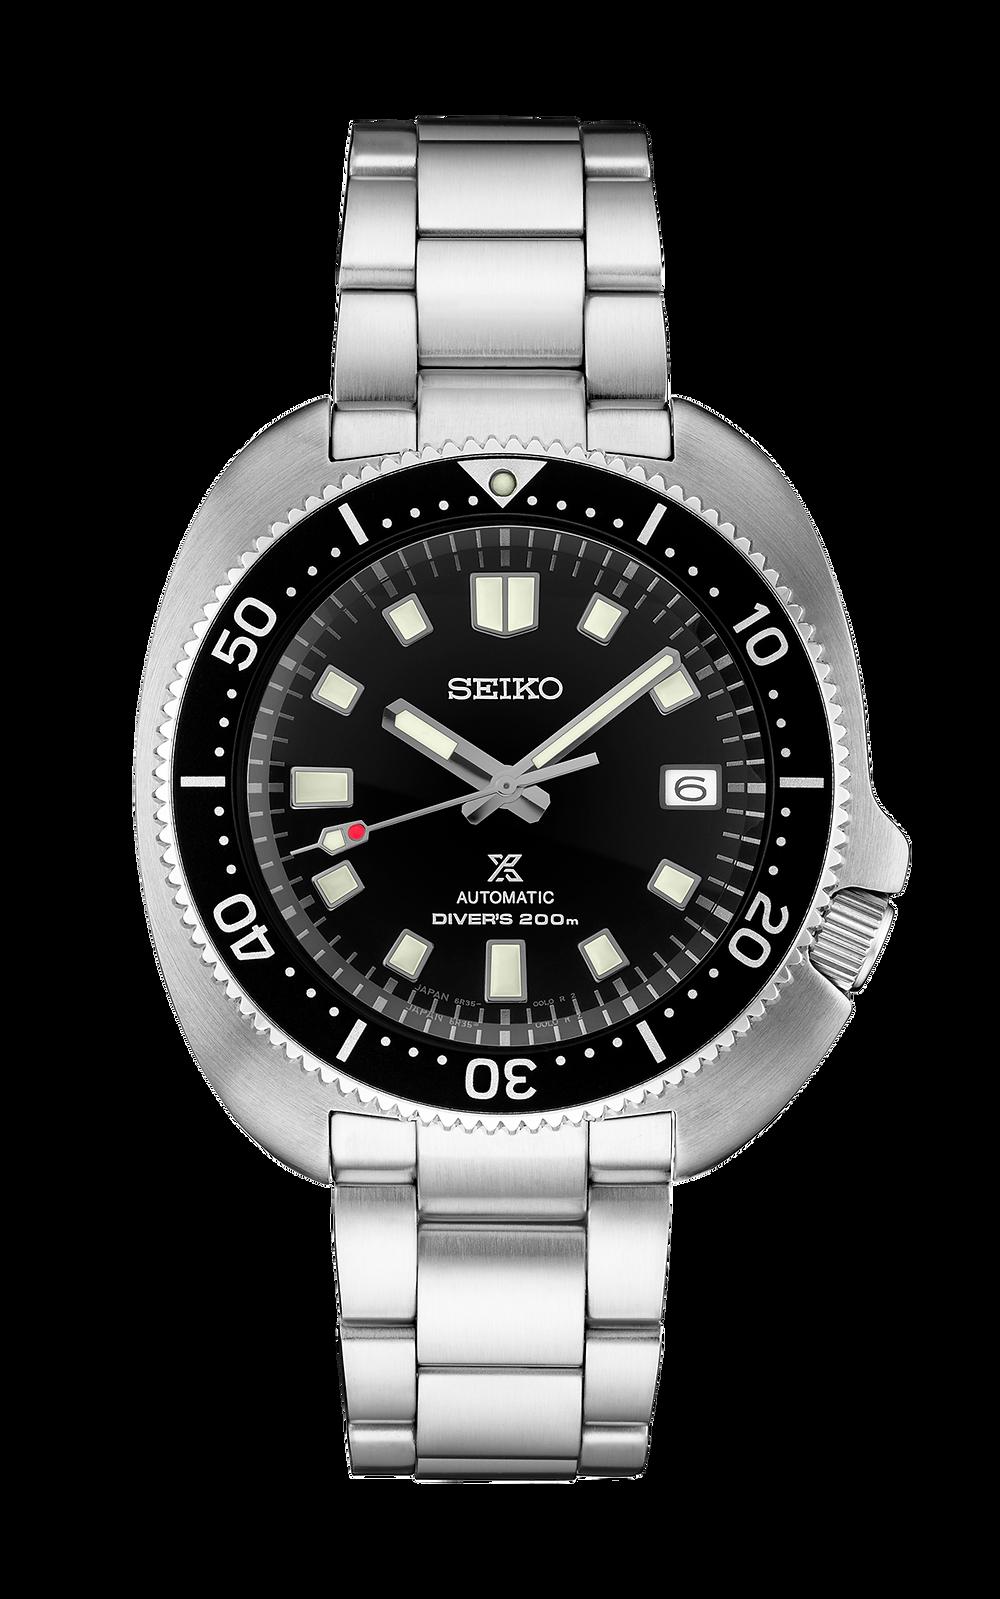 Reloj SPB151 Seiko prospex Captain Willard reedicion 2020